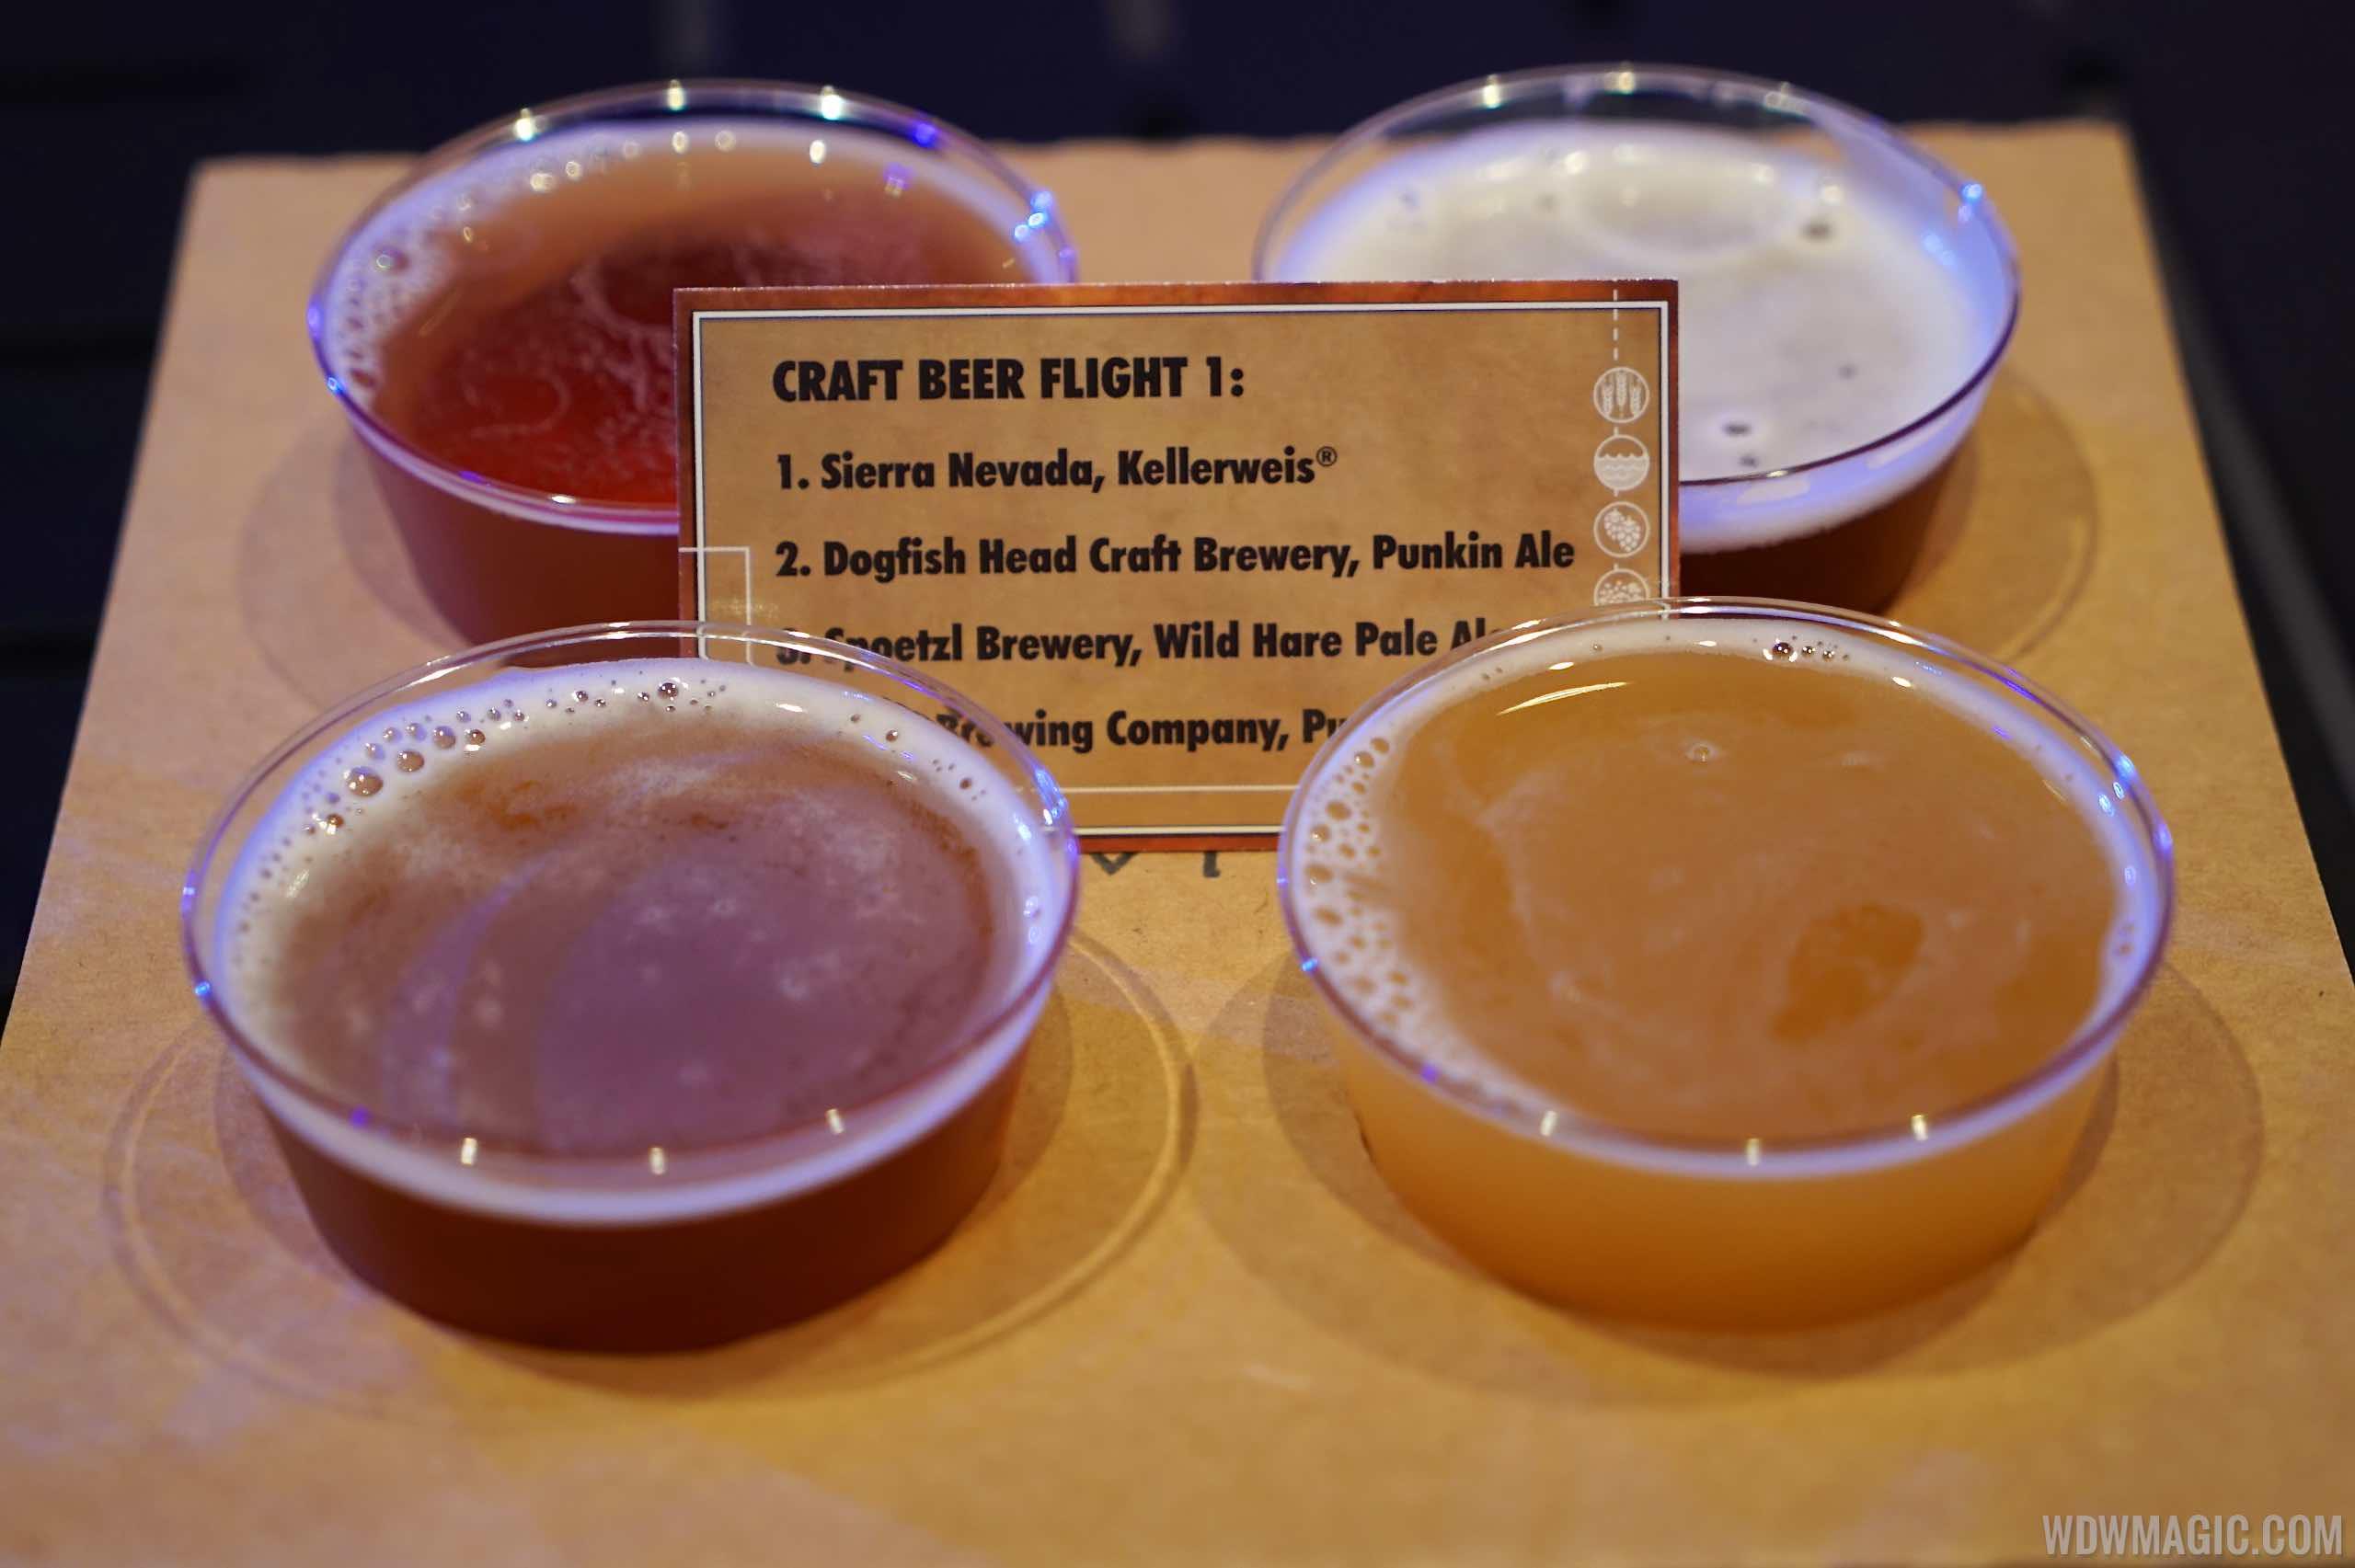 Craft Beers - Beer Flight